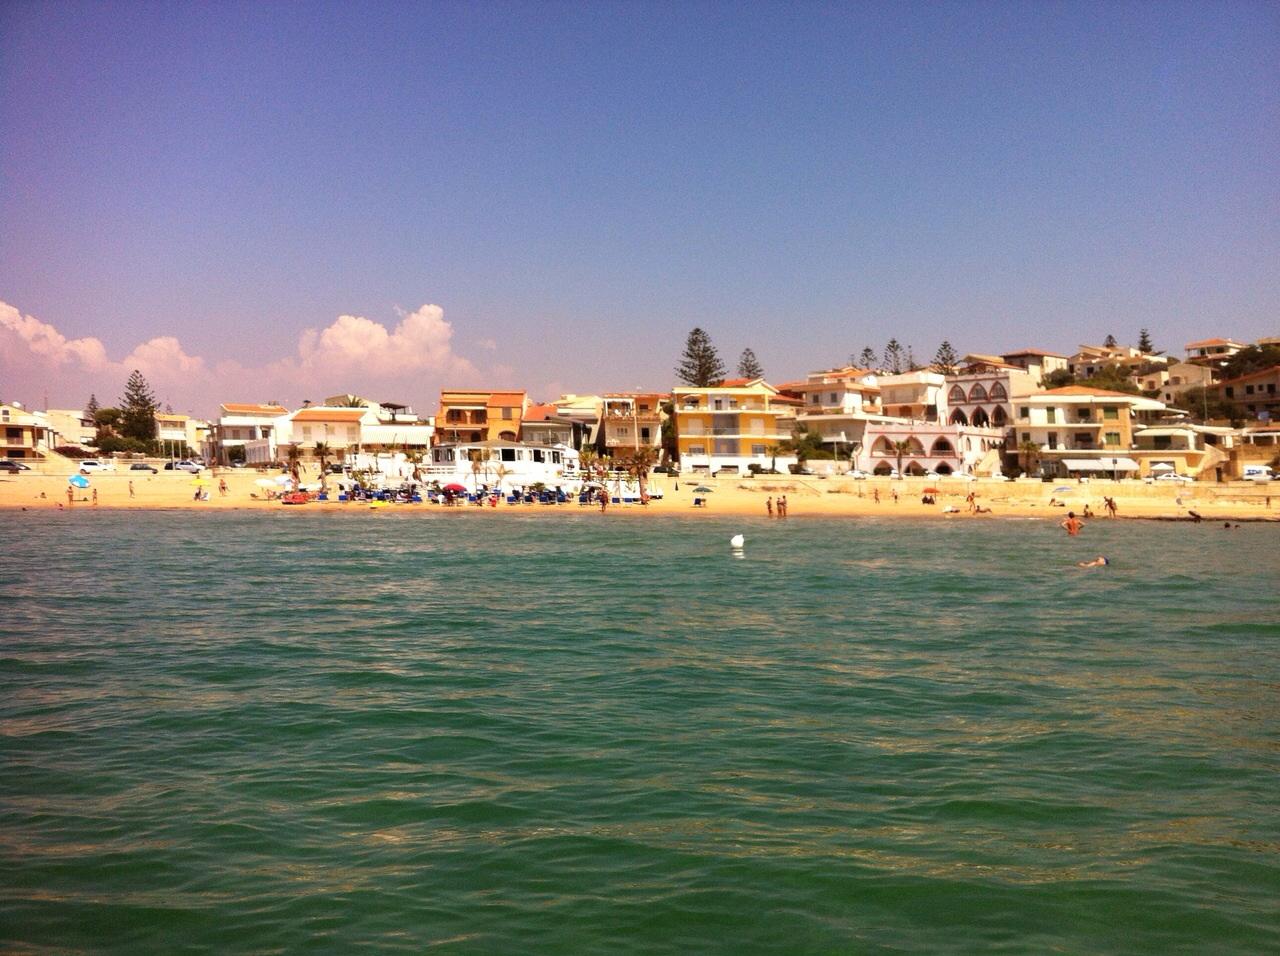 https://www.ragusanews.com//immagini_articoli/11-09-2014/1410447741-1-la-schiuma-delle-ore-13-nel-mare-di-cava-d-aliga.jpg